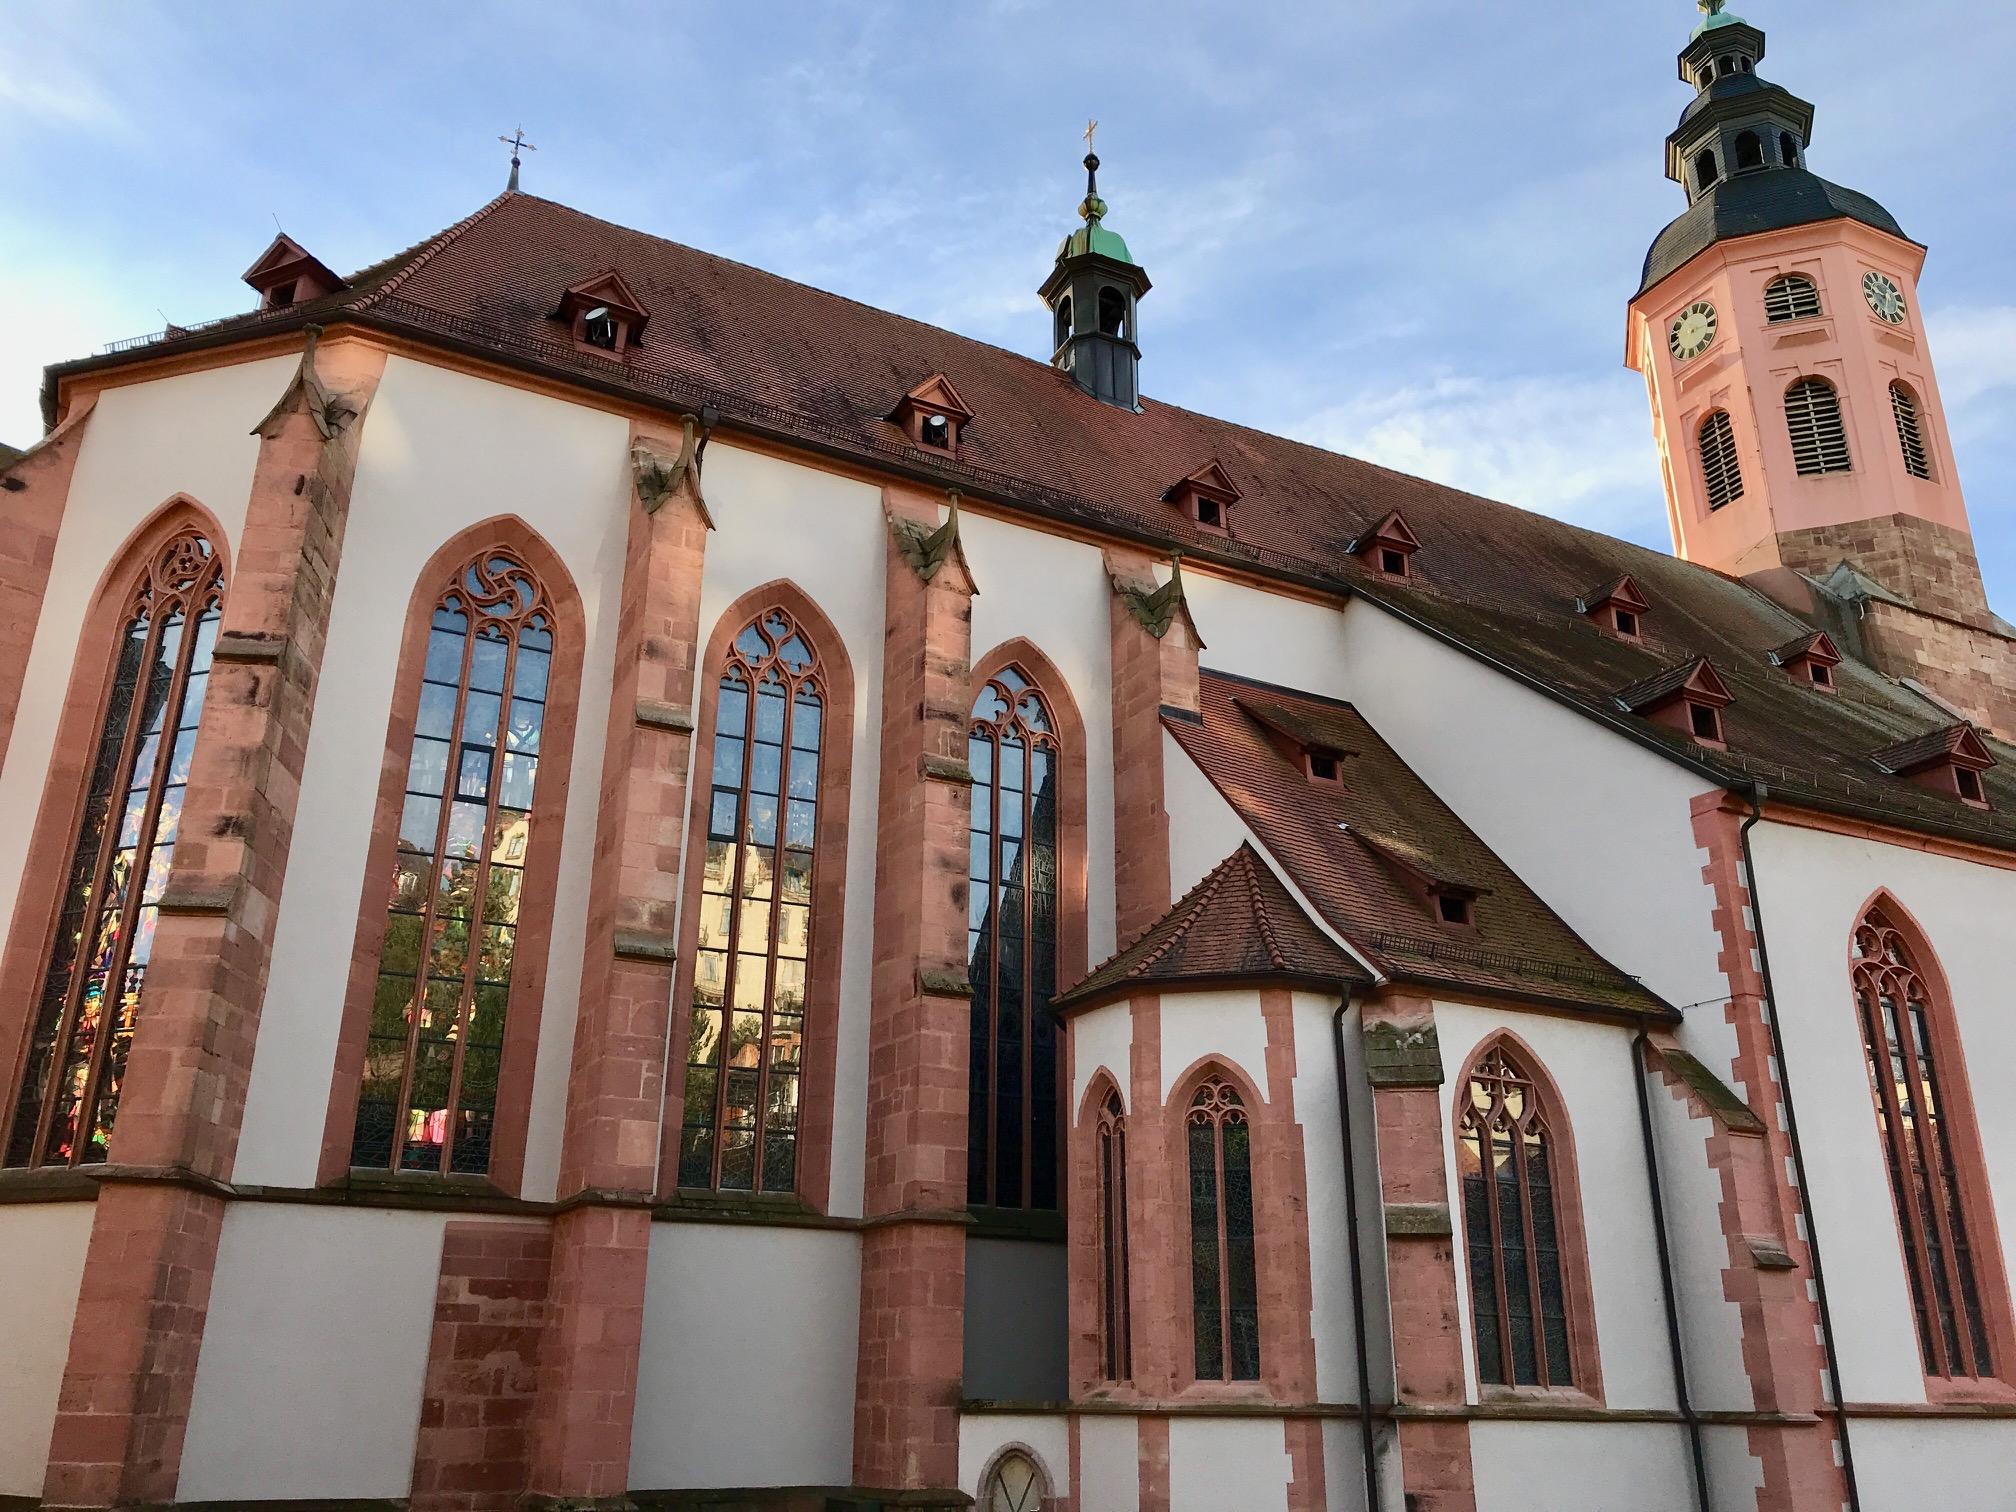 Stiiftskirche